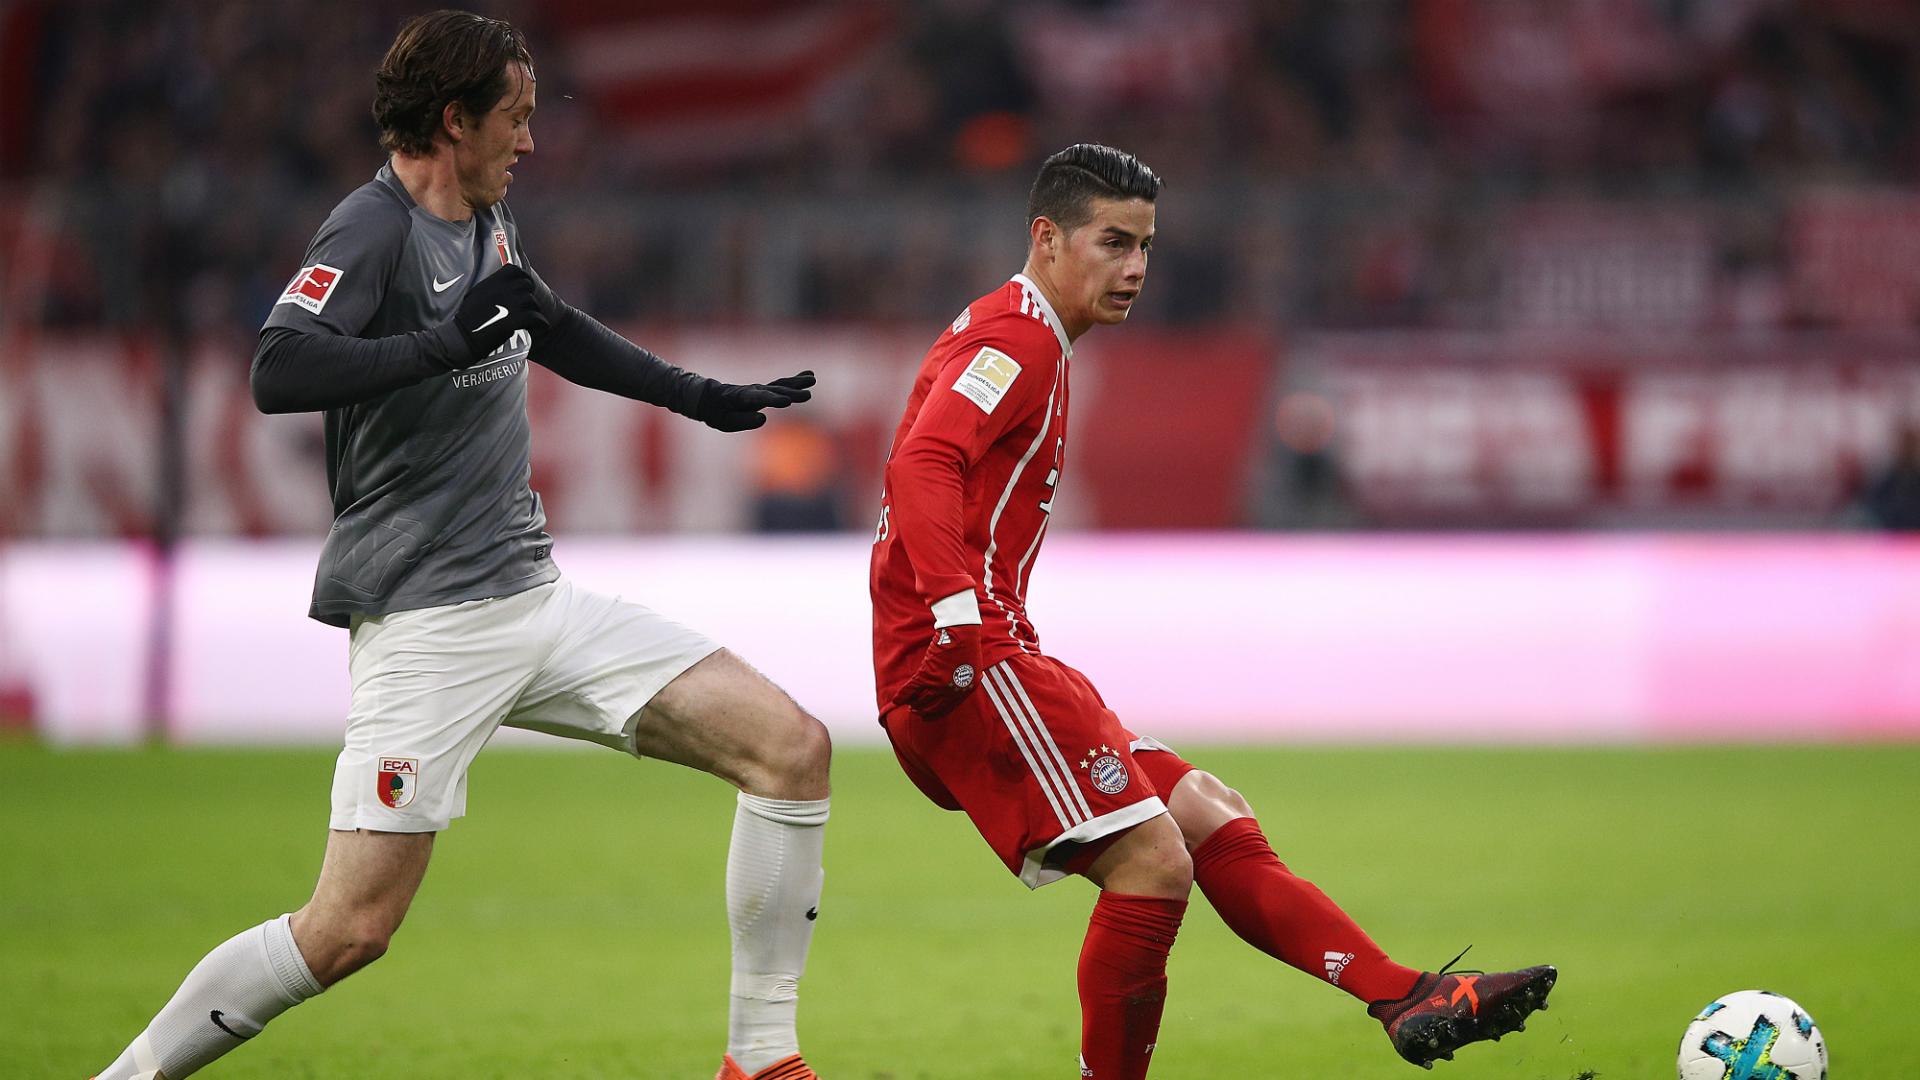 Horario, canal de TV y dónde ver en vivo online — Bayern-Augsburg